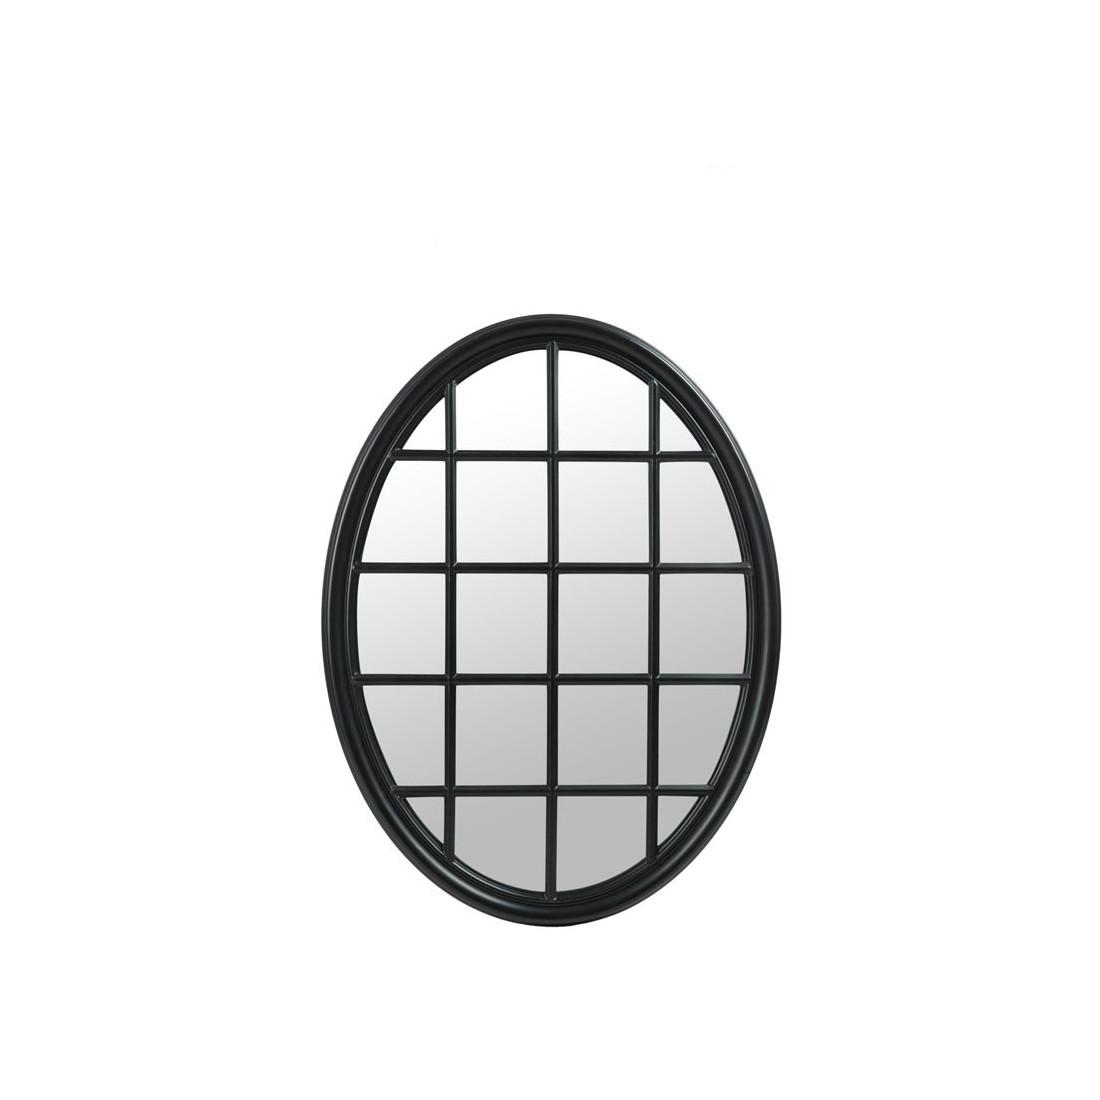 miroir fen tre ovale bois noir mat noxus univers de la. Black Bedroom Furniture Sets. Home Design Ideas